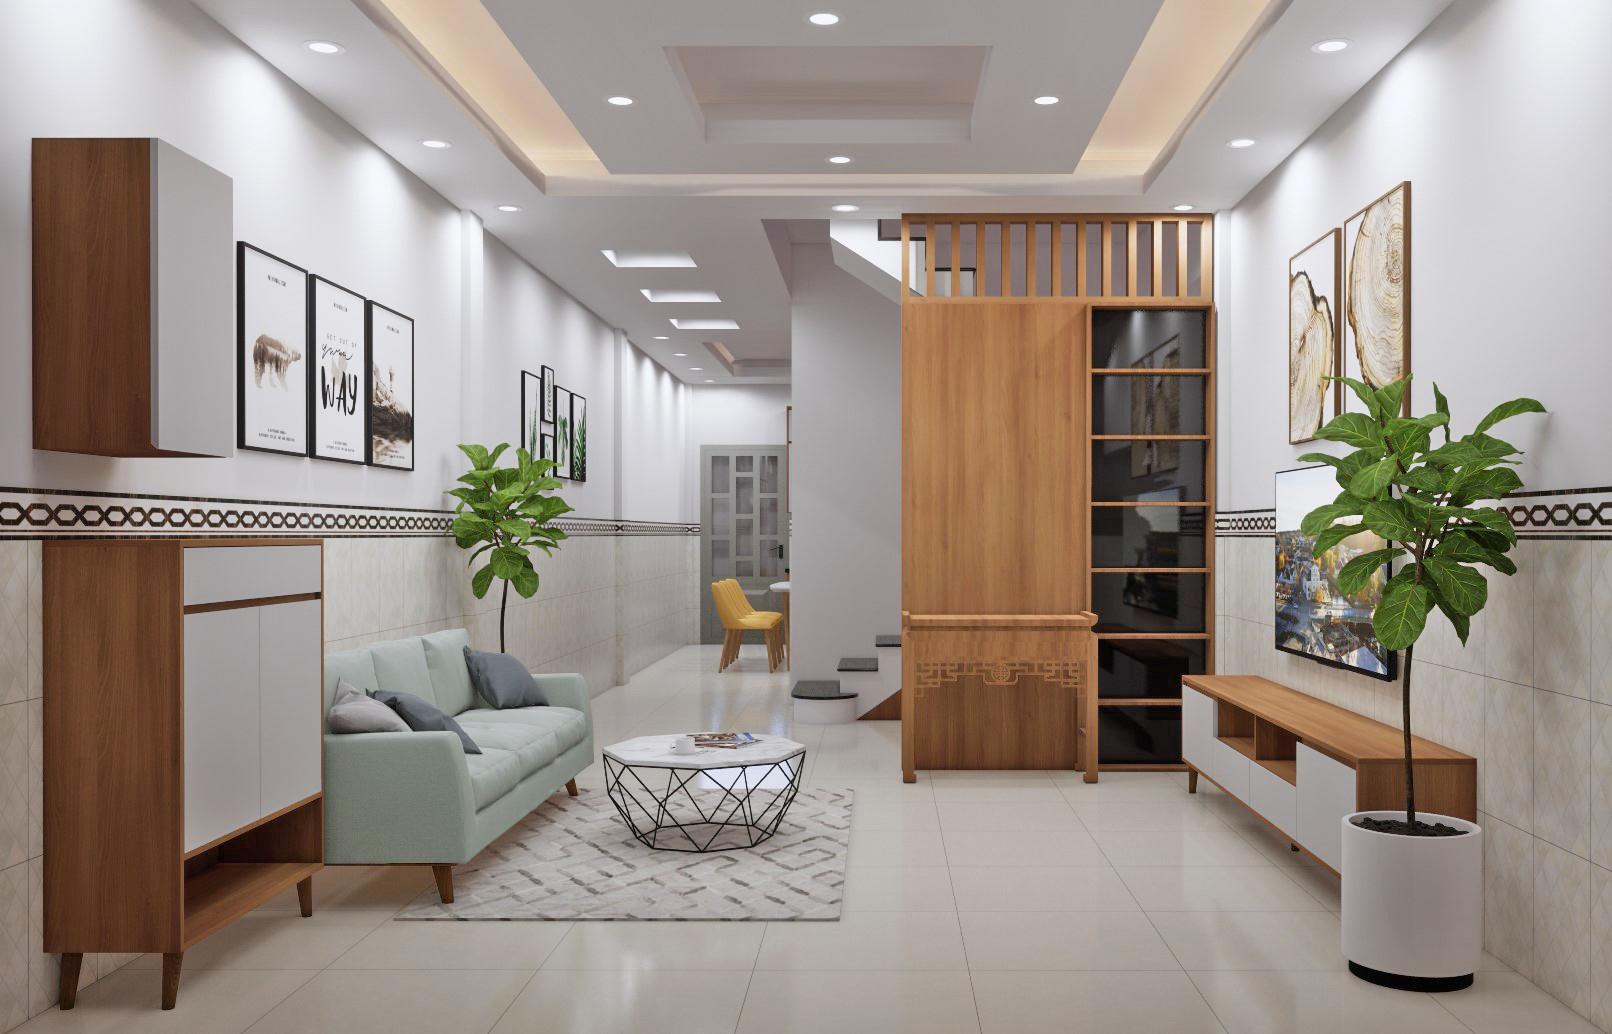 thiết kế nội thất nhà phố - Chị Phối Thương xá Nhị Thiên Đường - quận 8